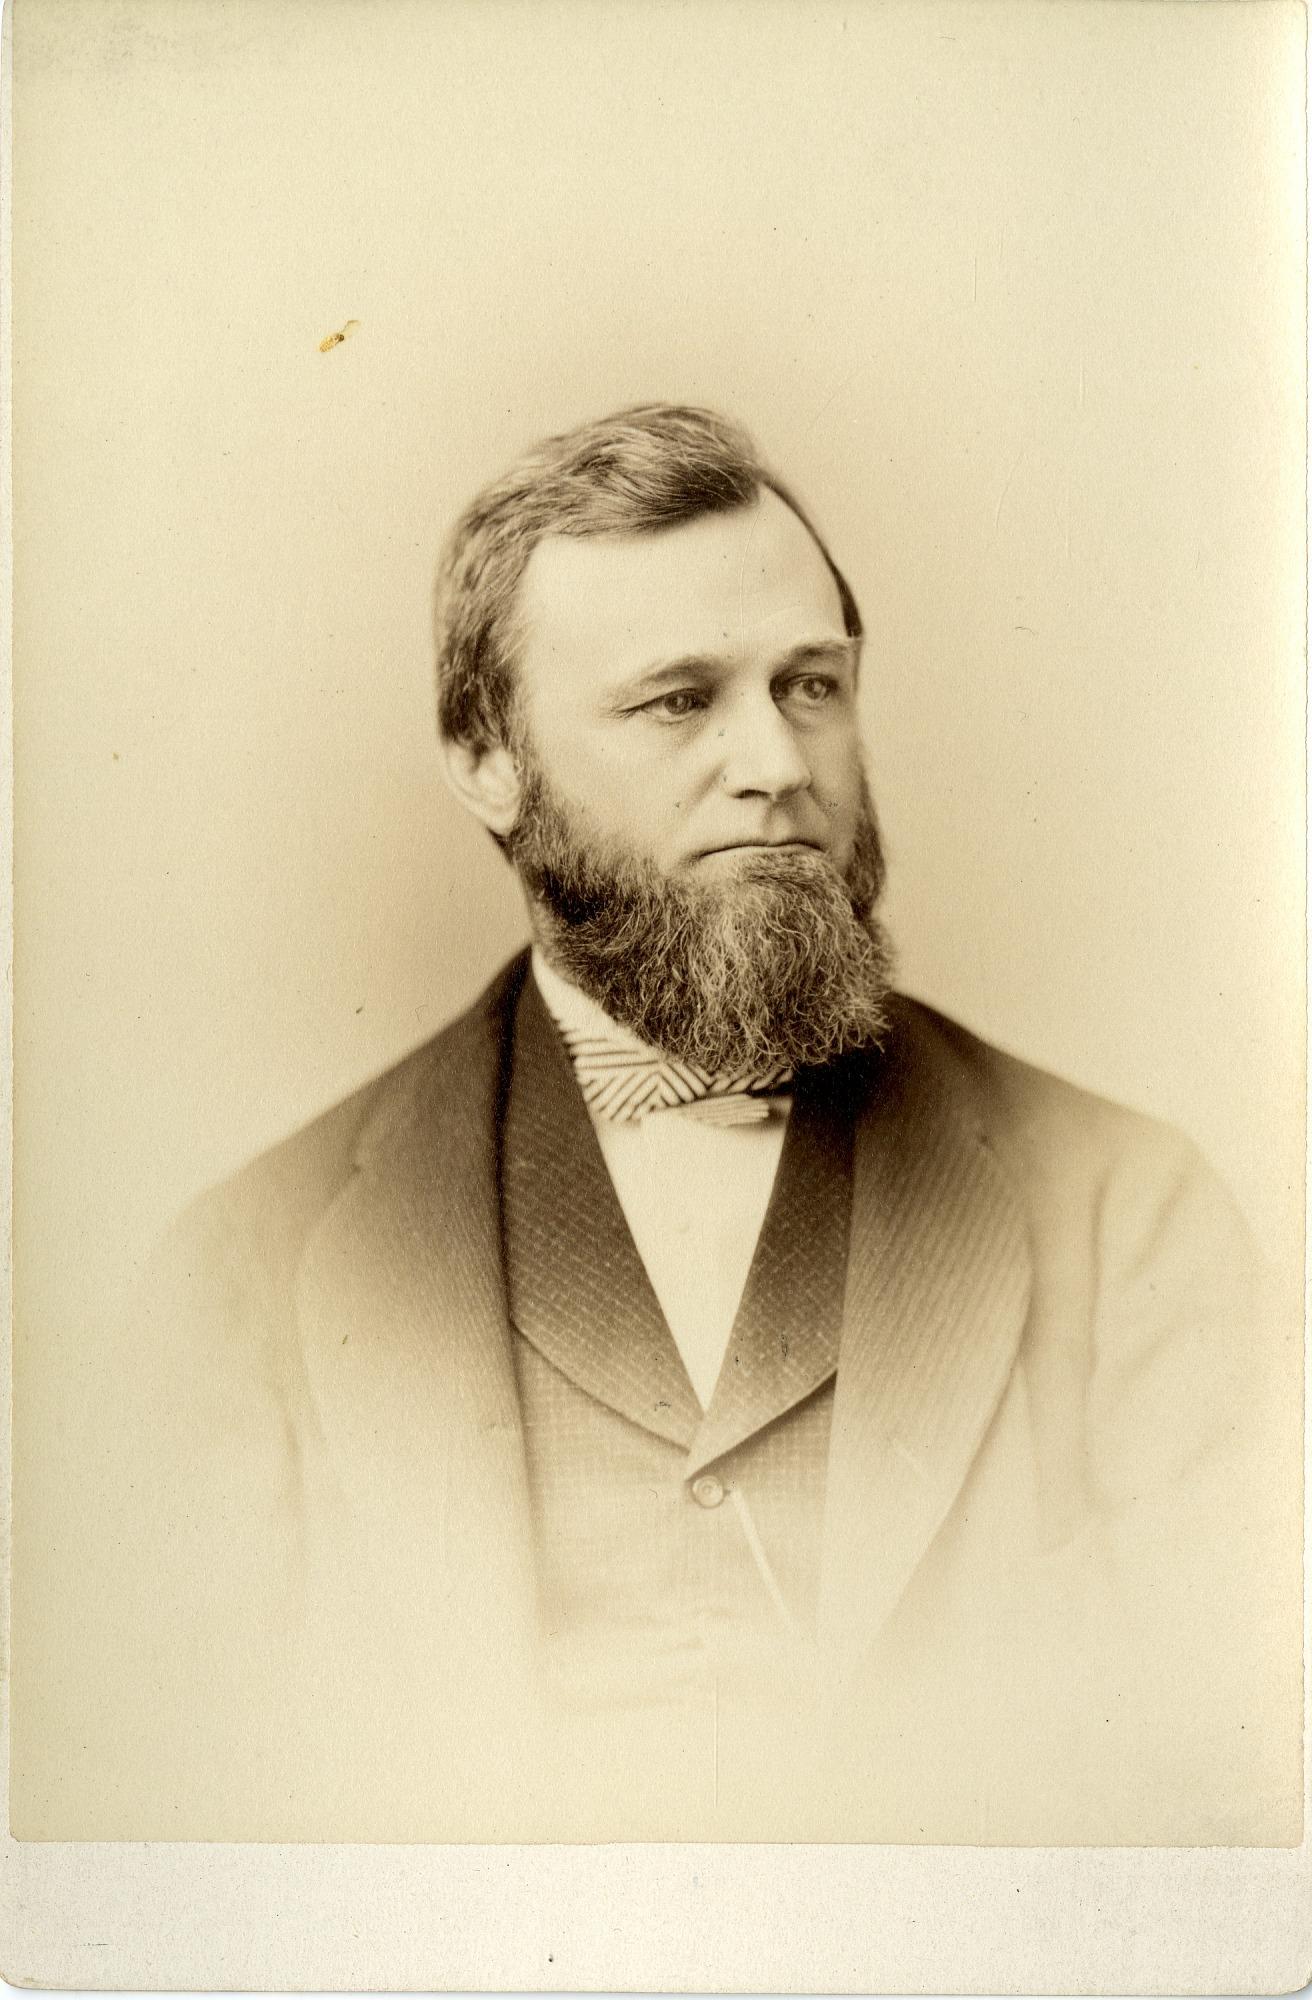 Spencer Fullerton Baird